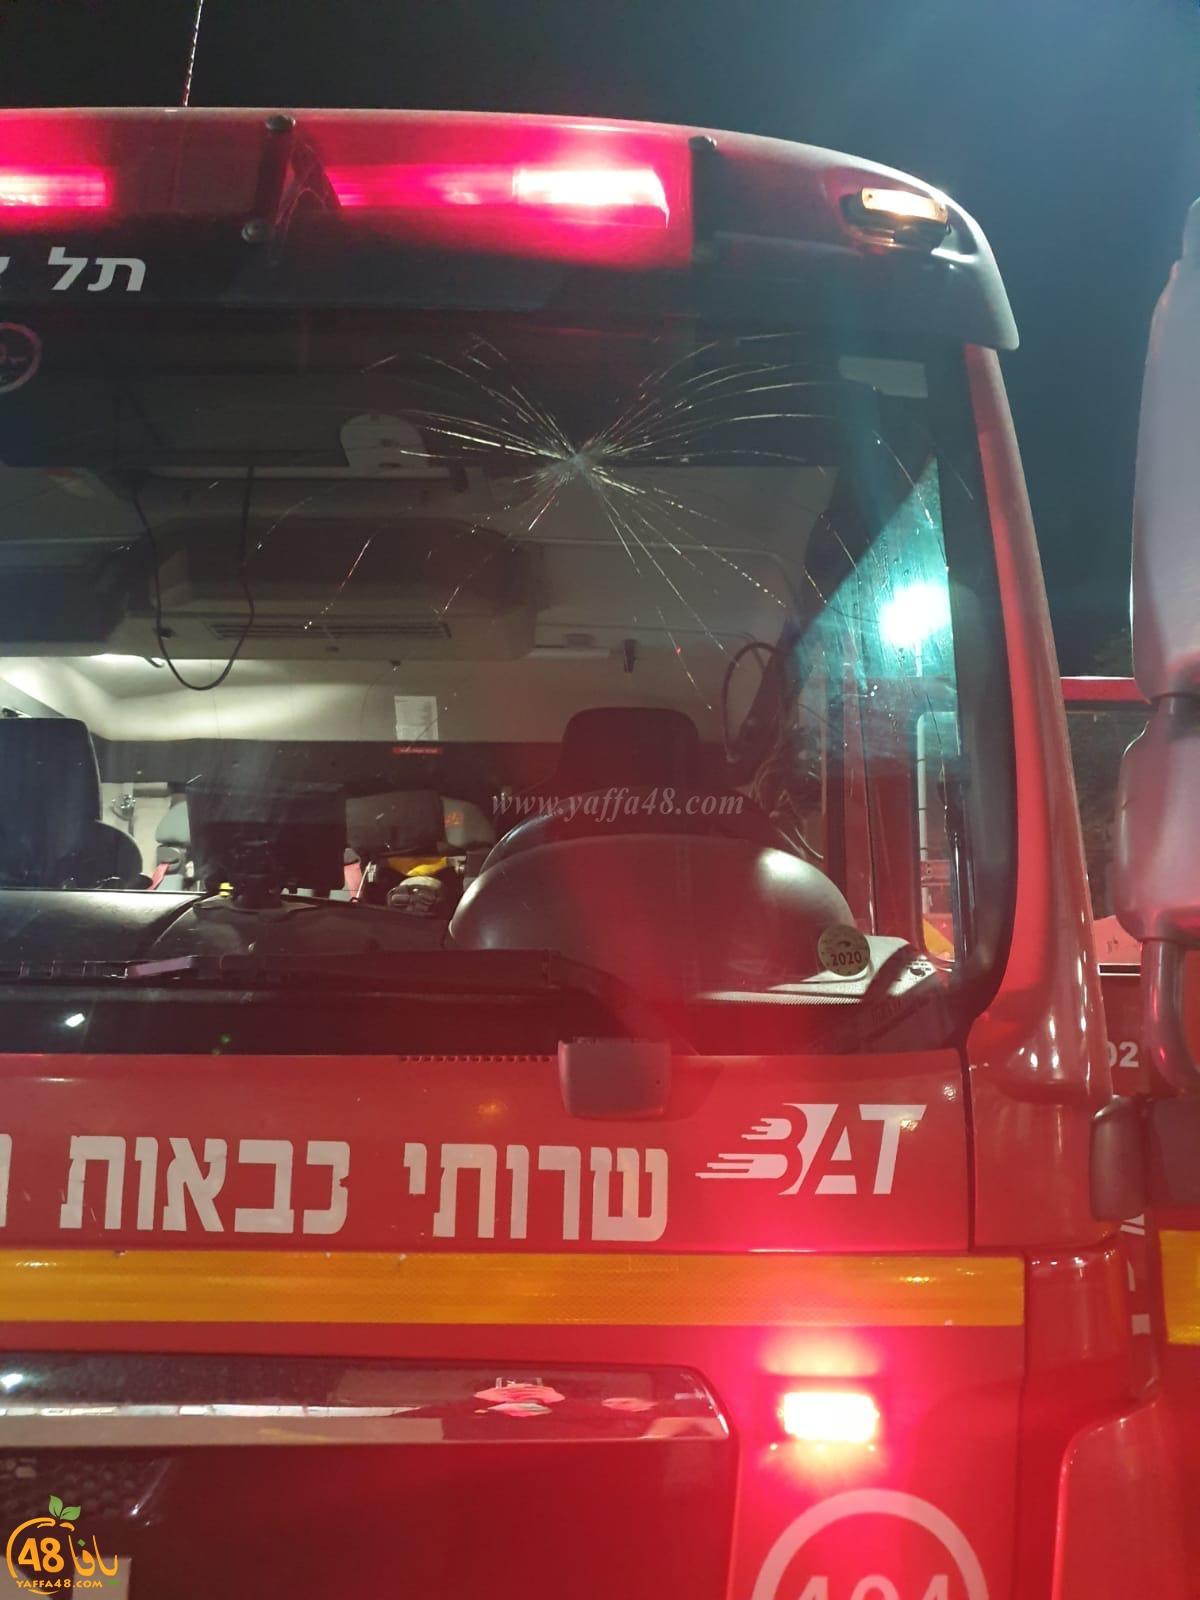 يافا: اصابة اثنين من طواقم الاطفائية اثر القاء حجارة بالمدينة